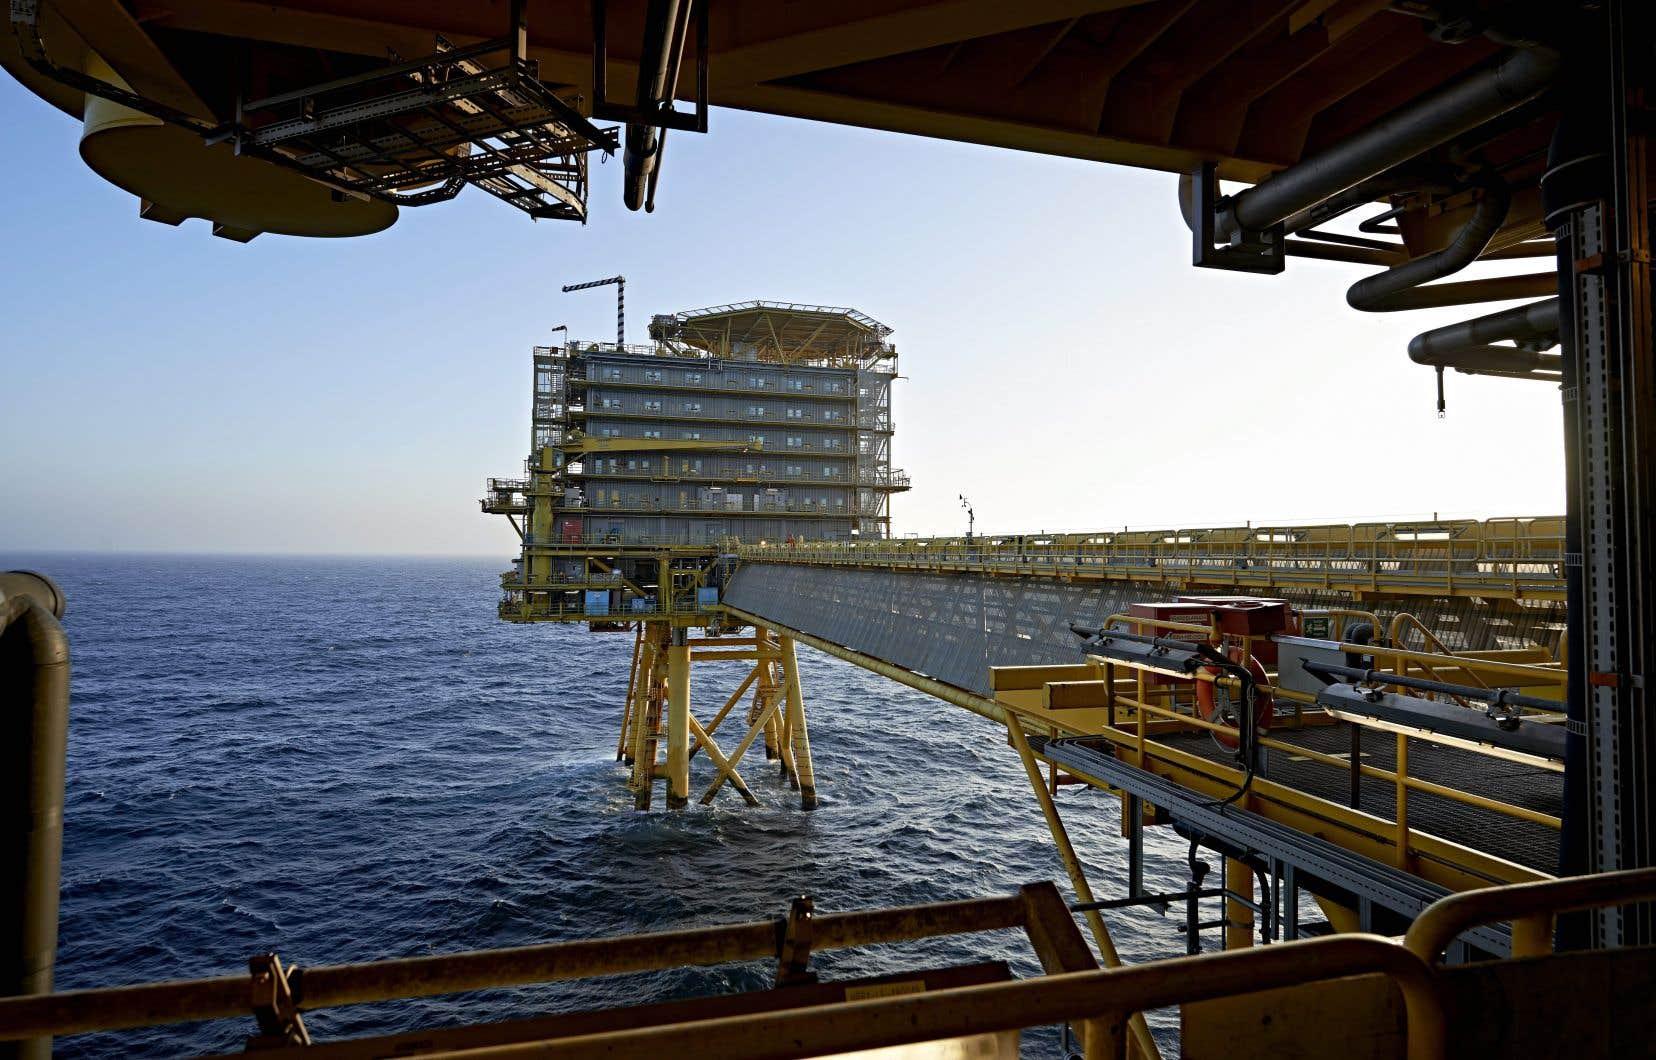 Des documents de consultation du gouvernement fédéral indiqueraient des changements à venir dans la manière de procéder aux études d'impact environnemental dans les projets pétroliers et gaziers au large des côtes.